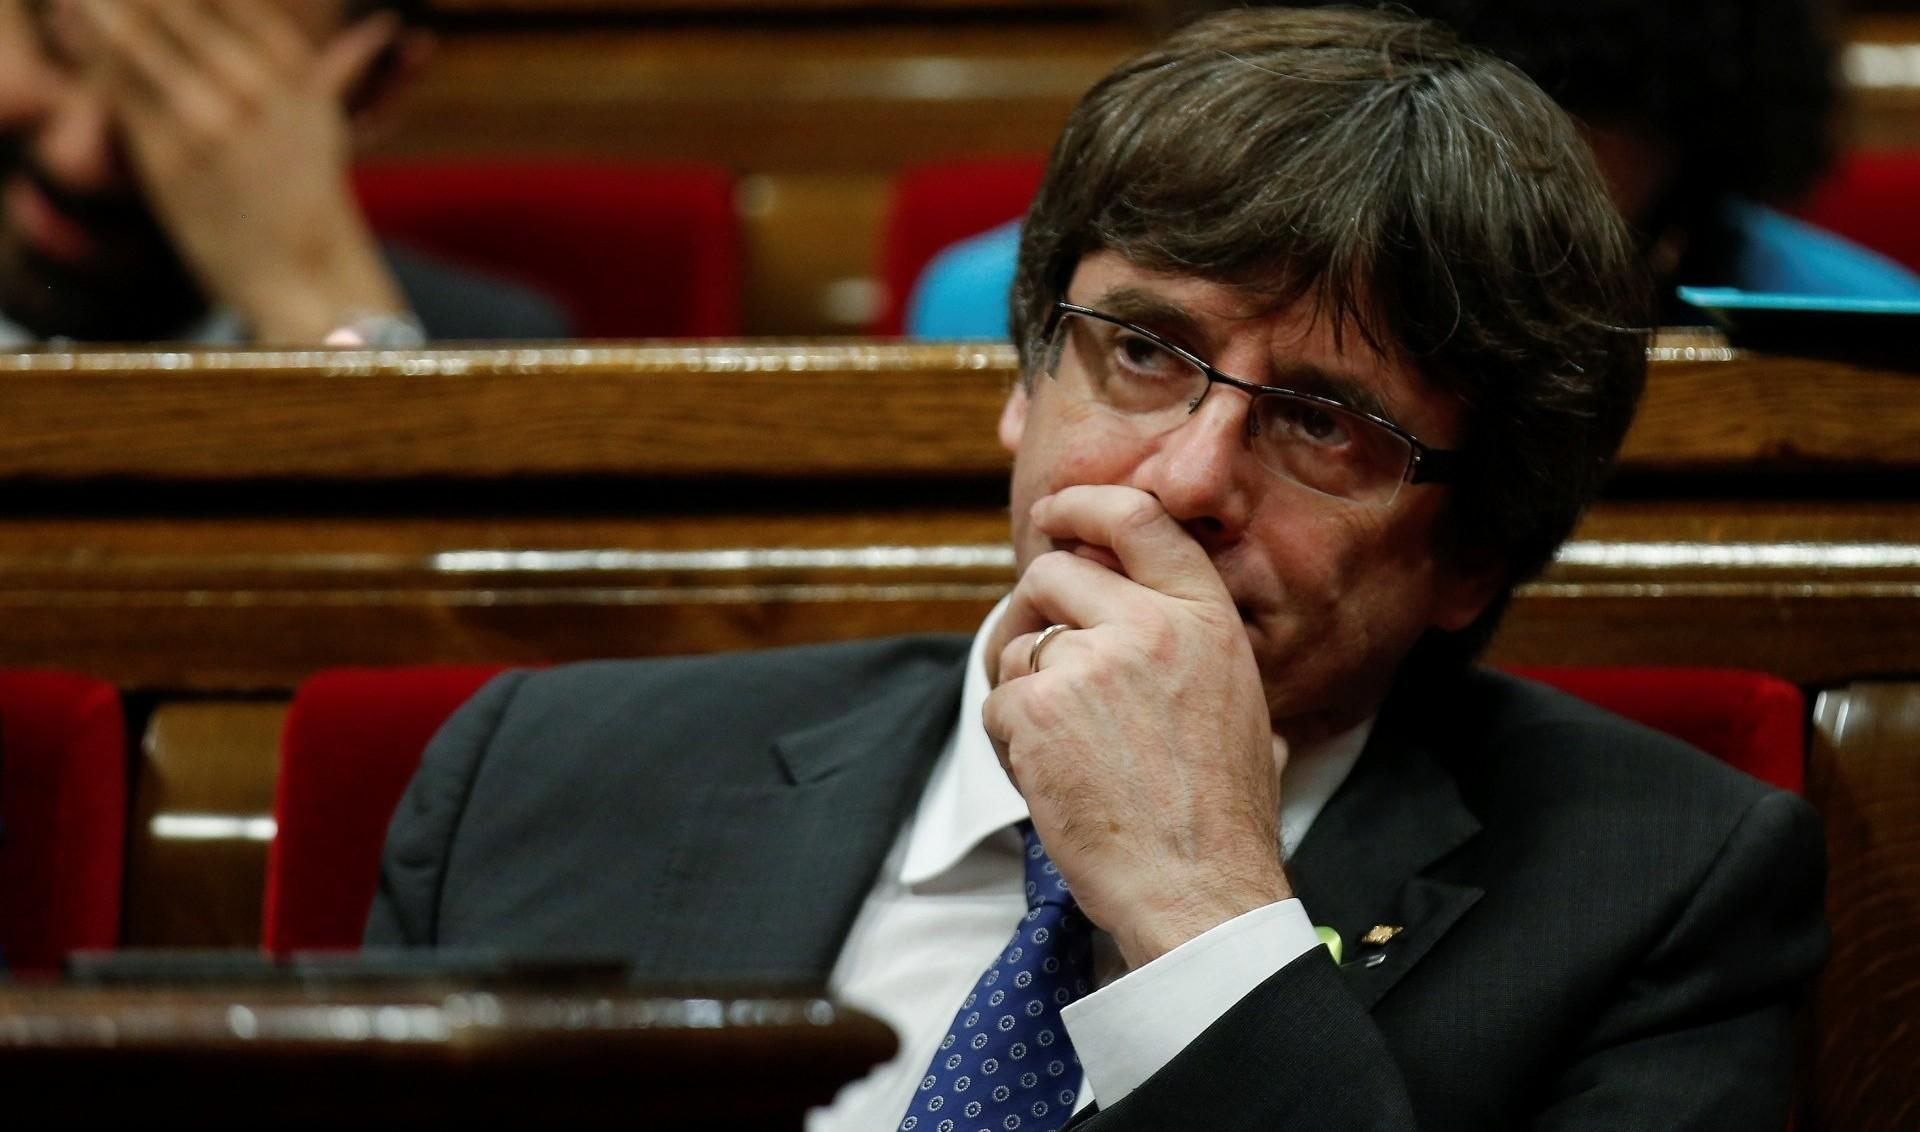 España retiró orden de arresto a Puigdemont y cuatro exdirigentes catalanes